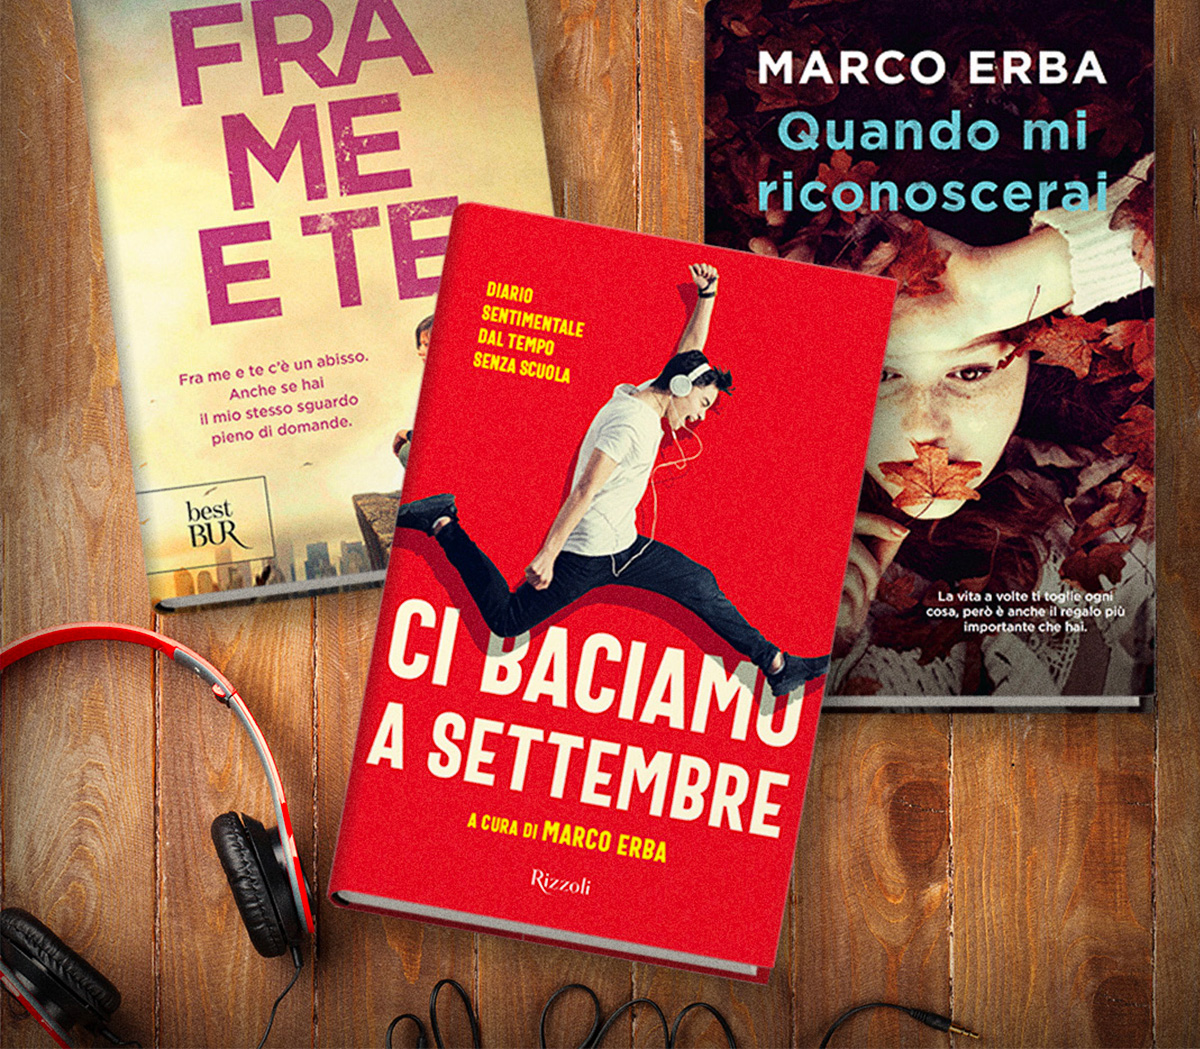 Marco Erba autore di Fra me e te e Ci baciamo a settembre - Salesiani Milano